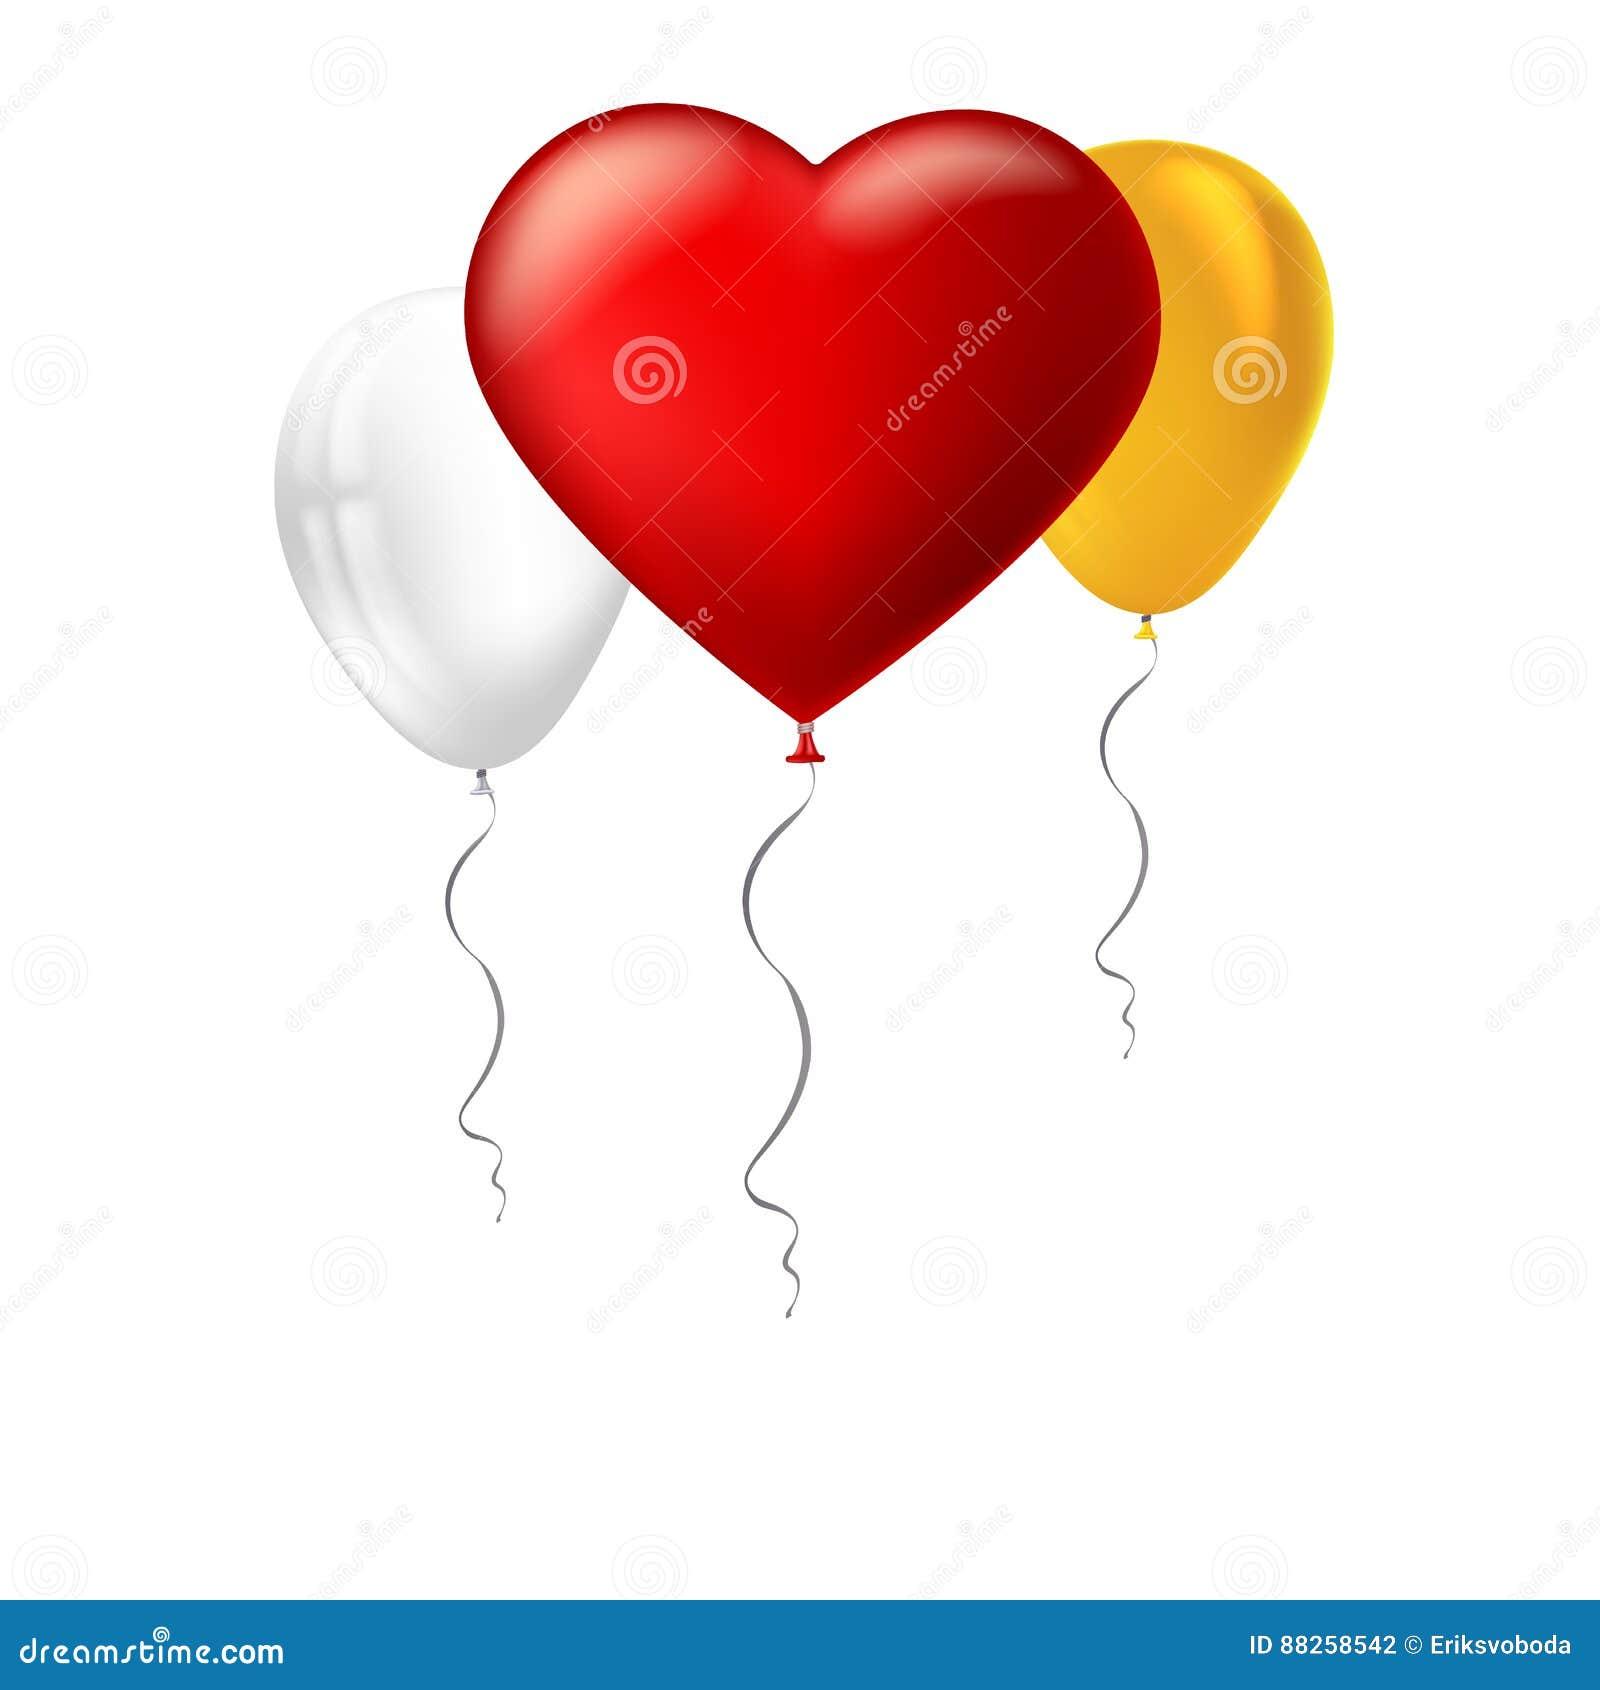 Helles rotes Herz, der aufblasbare Ballon in Form eines großen Herzens mit dem Band, Band und anderes aufblasbar gefärbt